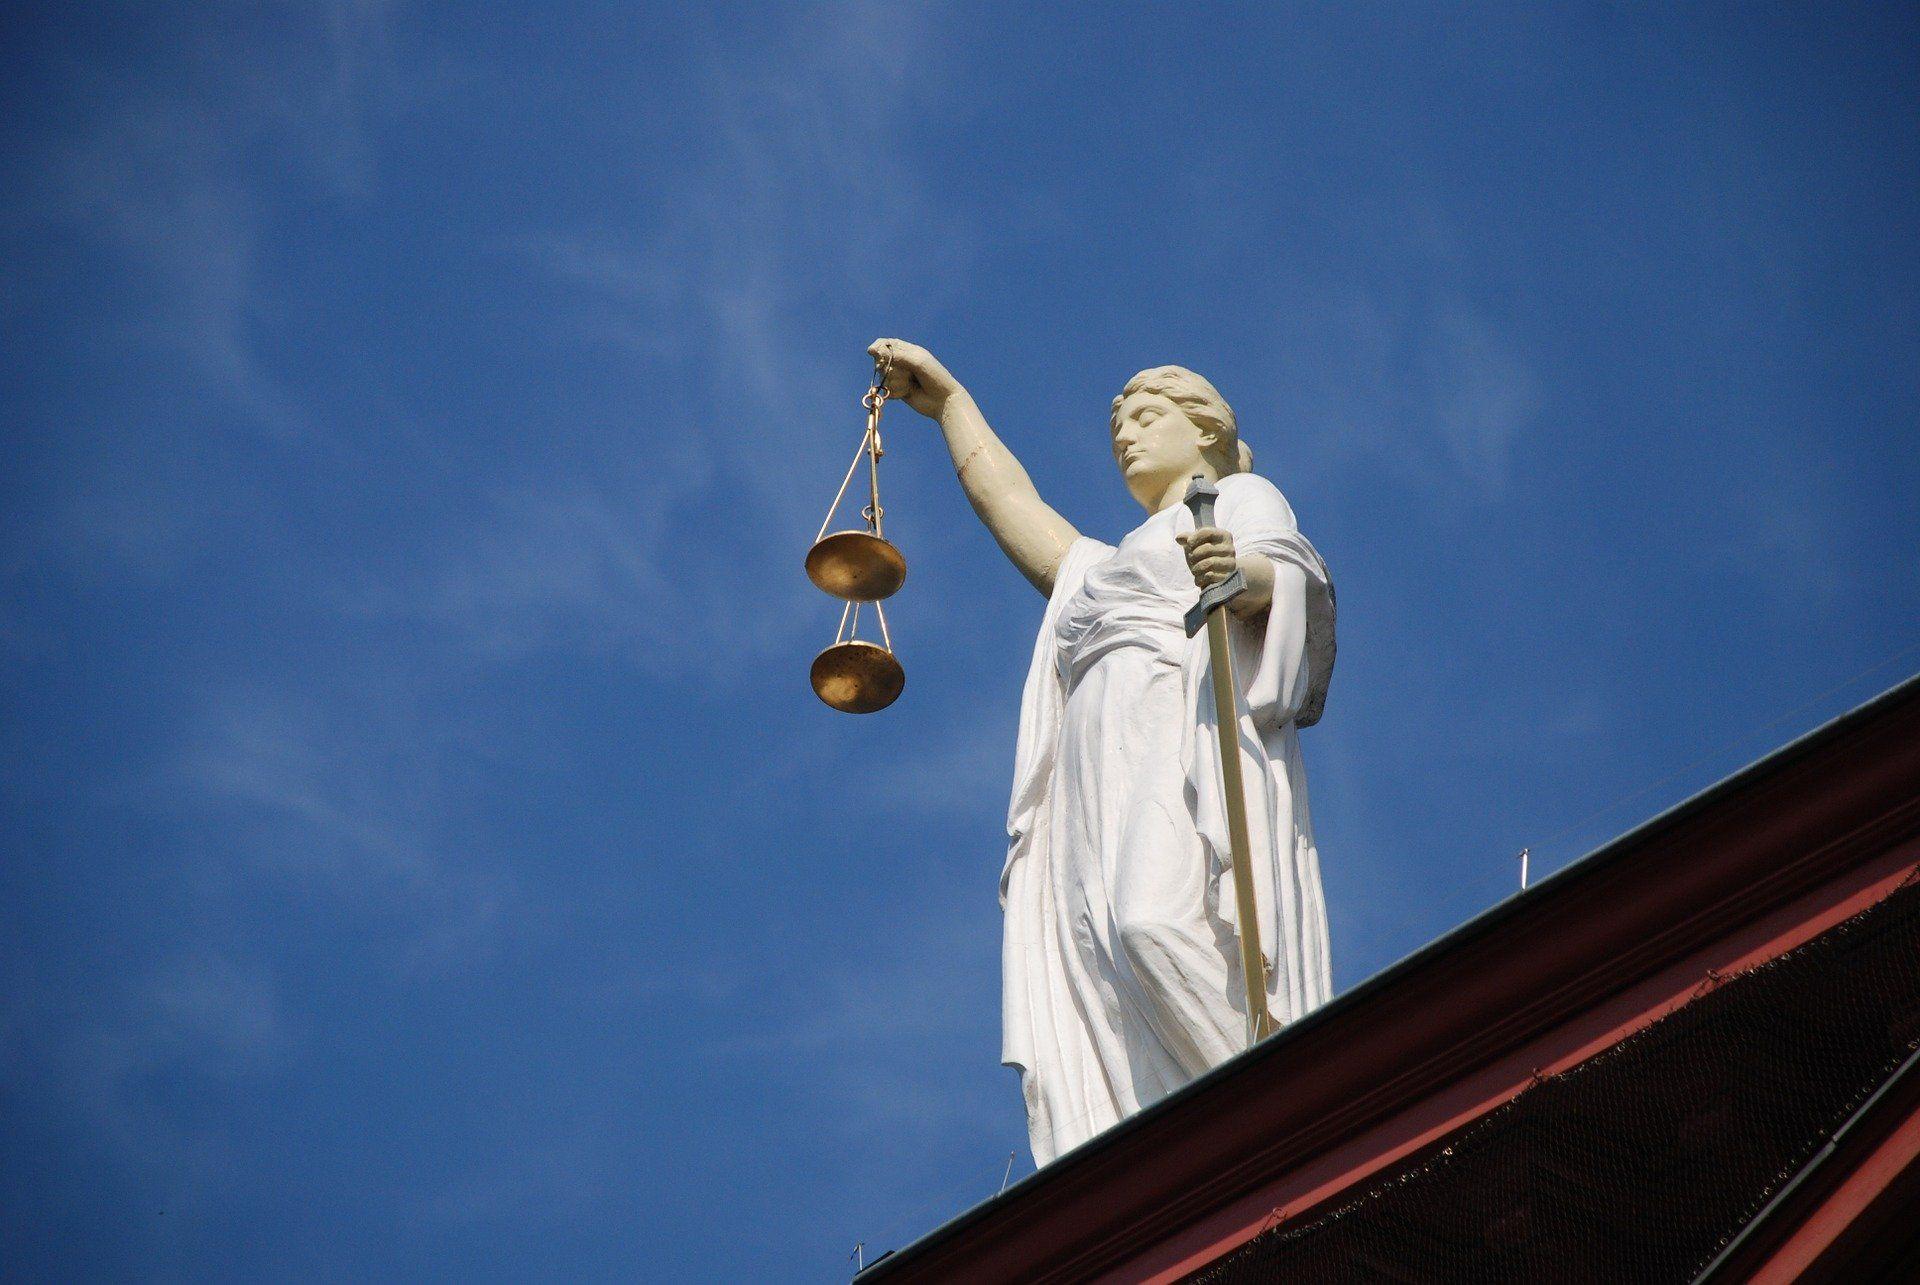 Ständige Anpassungen der Rechtsprechung erfordern ein waches Auge